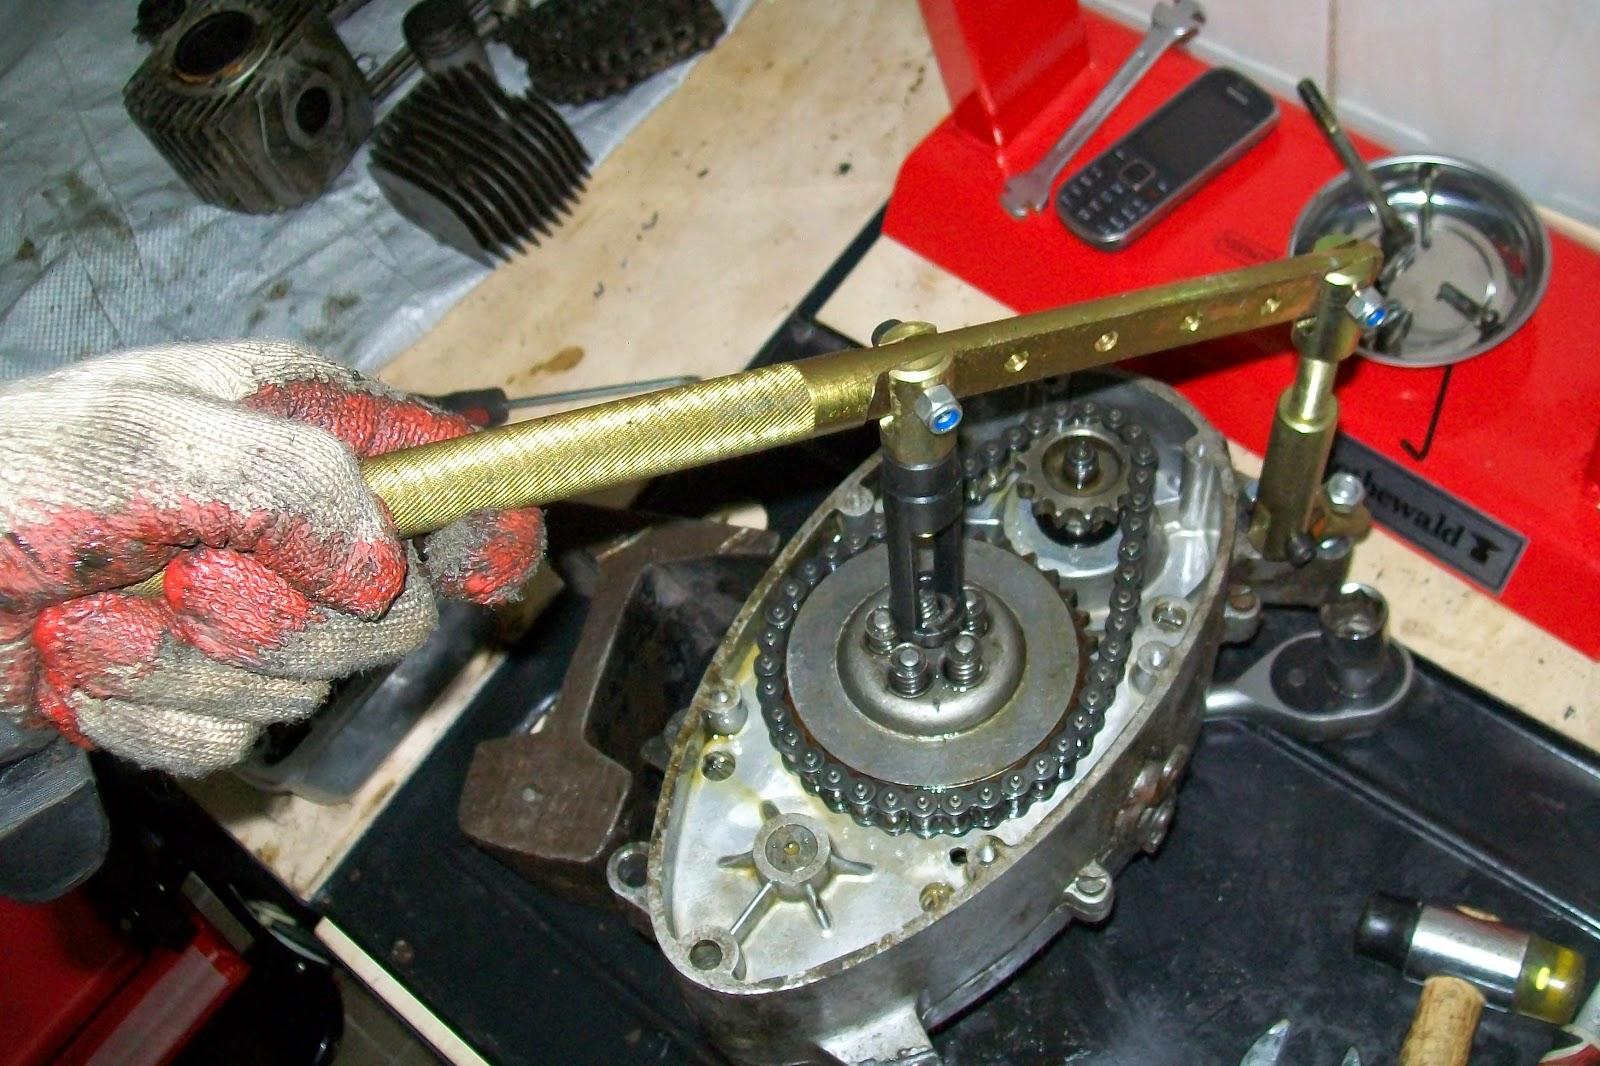 Demontaż silnika jawy 50